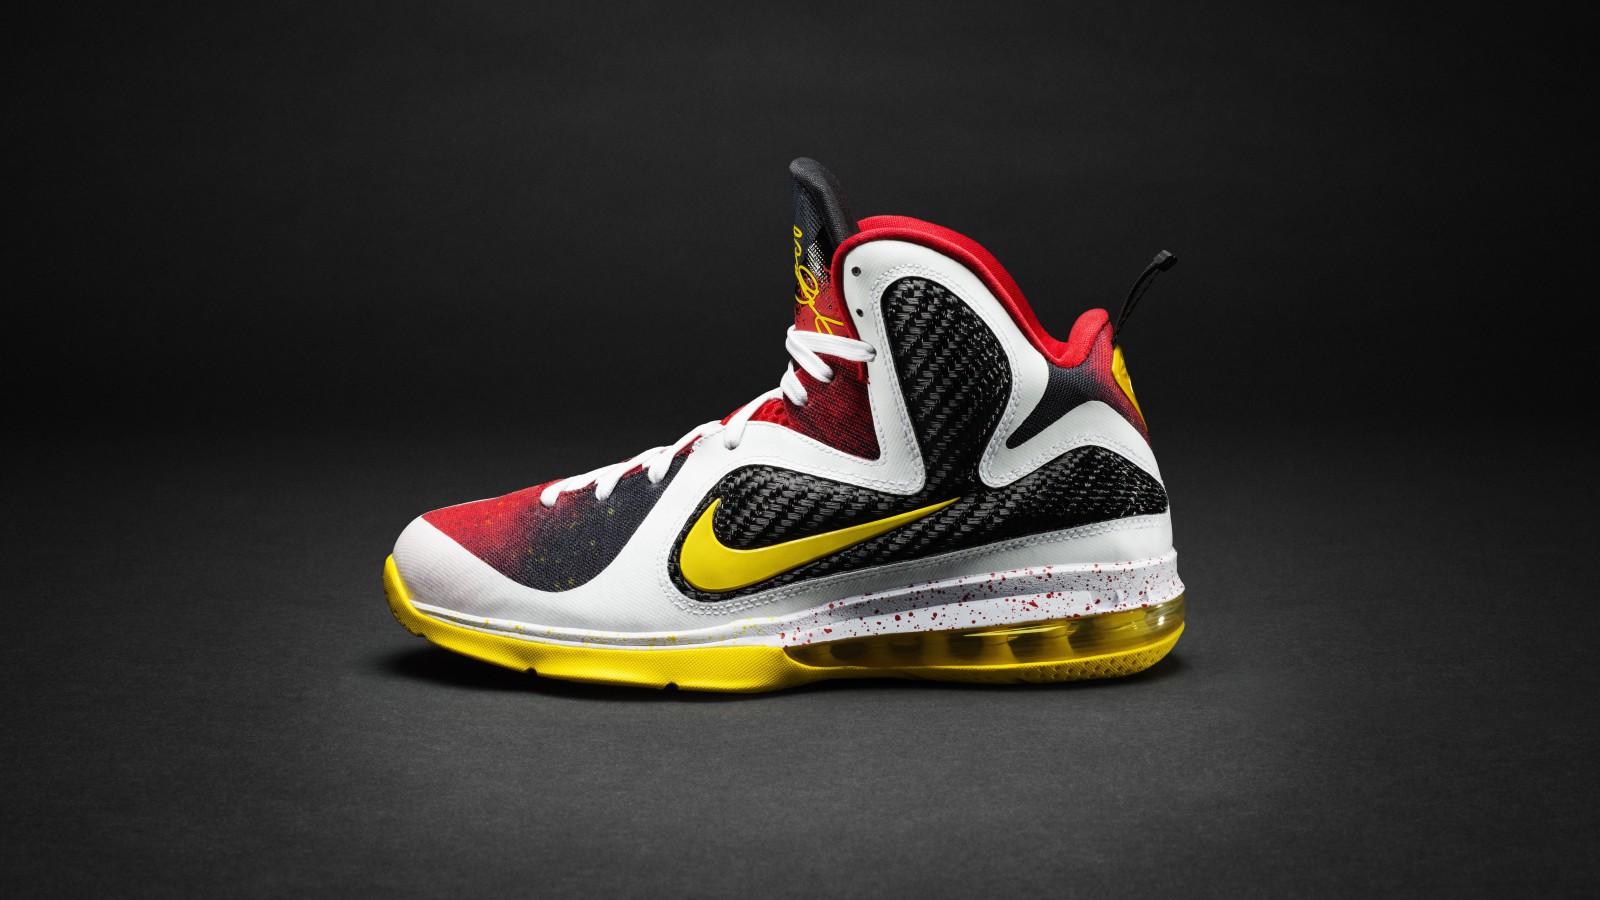 promo code 45faf 4c36c LeBron James 9 MVP. Courtesy of Nike